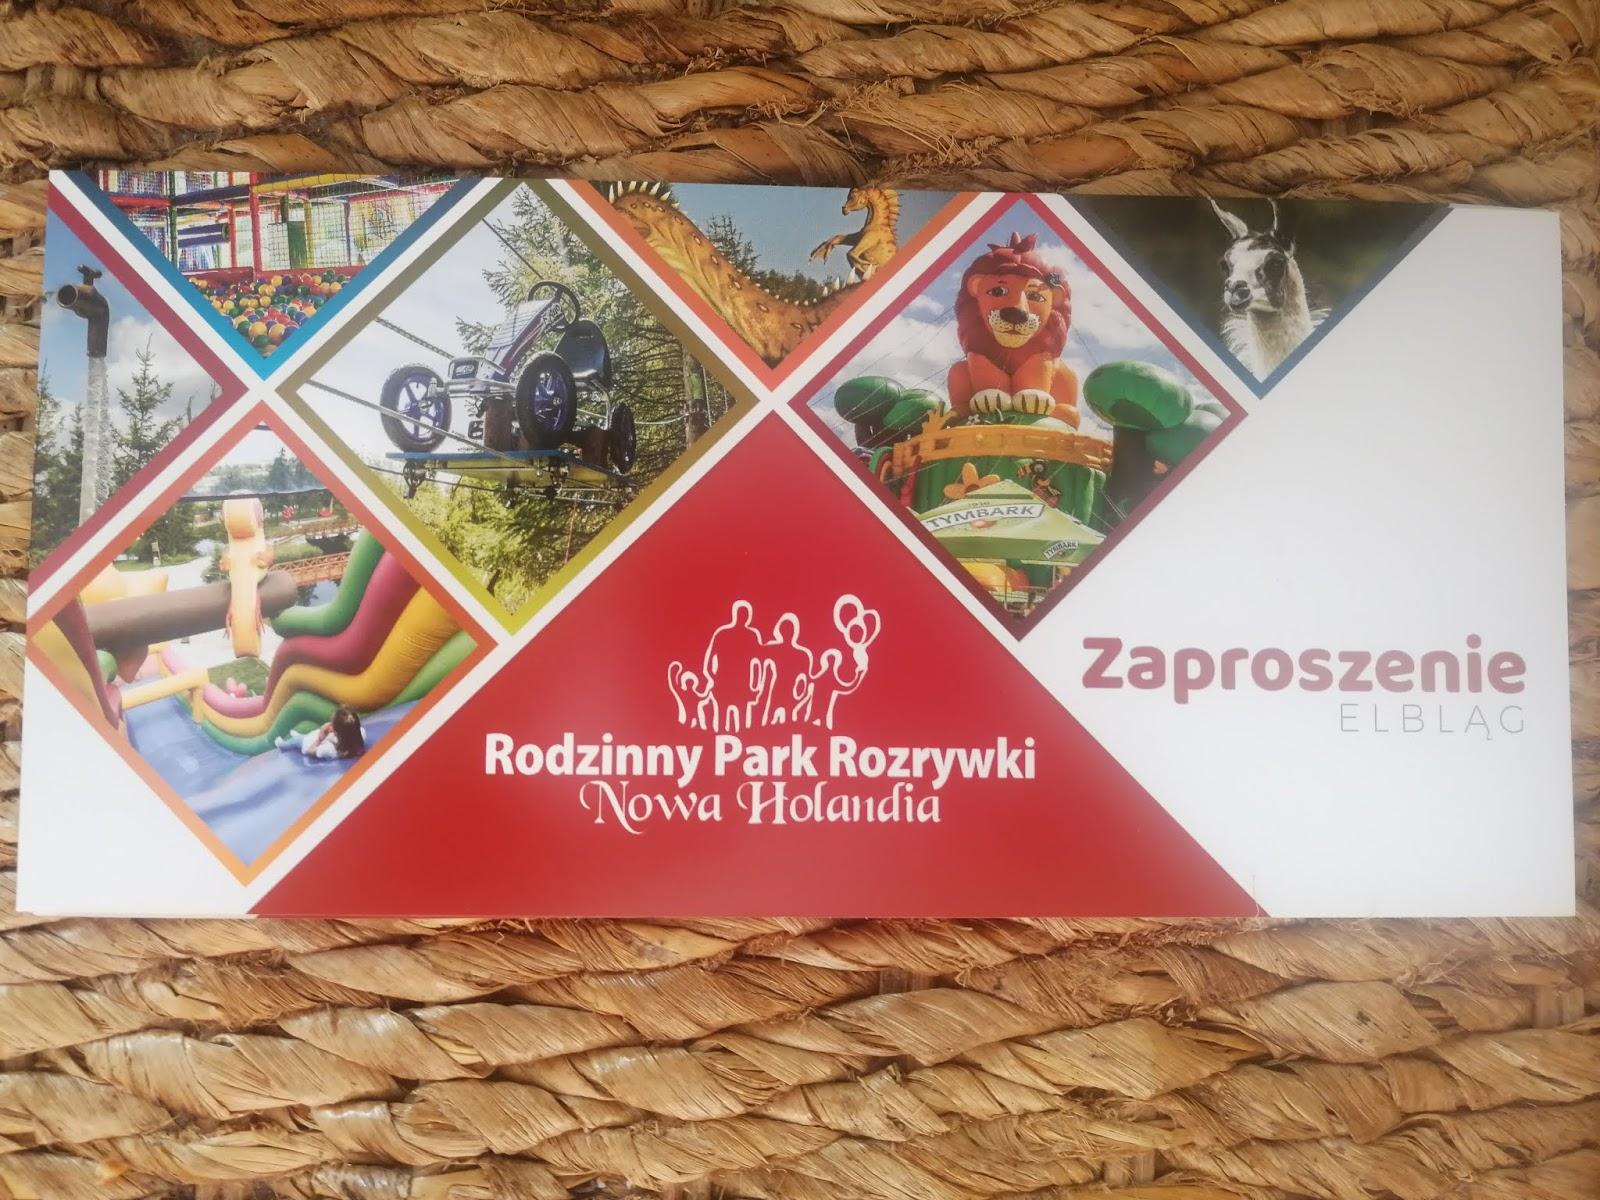 Konkurs - Bilety do Parku Rodzinnego Nowa Holandia